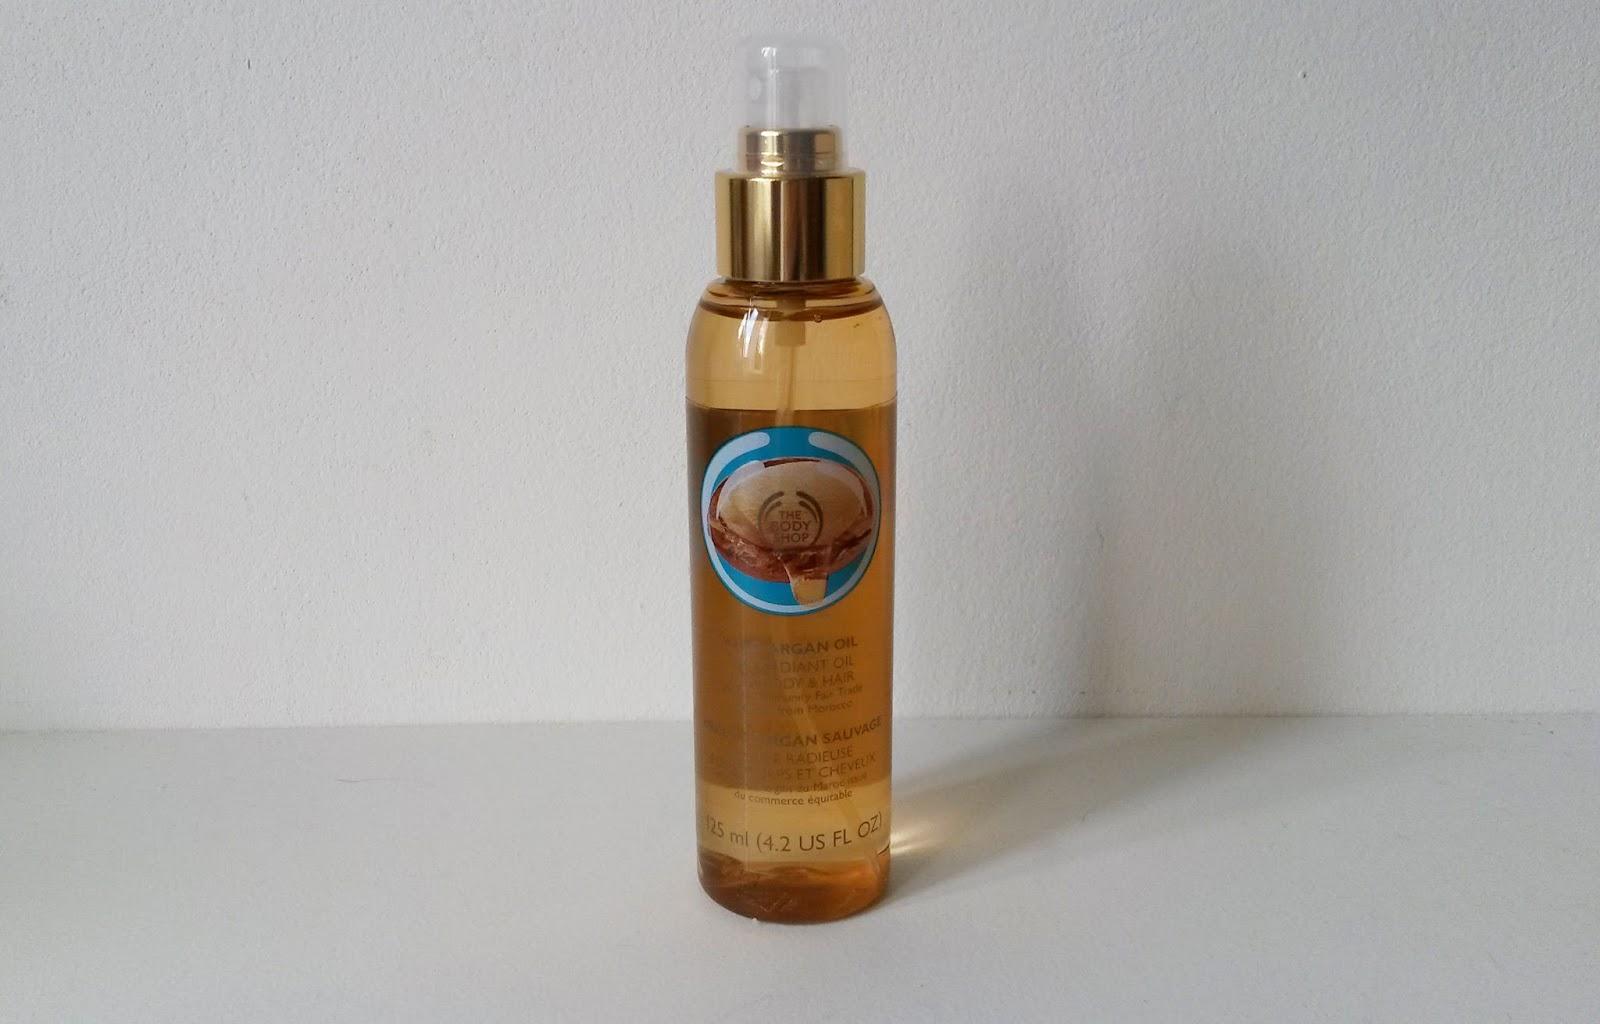 Coffret The Body Shop Huile d'argan sauvage huile